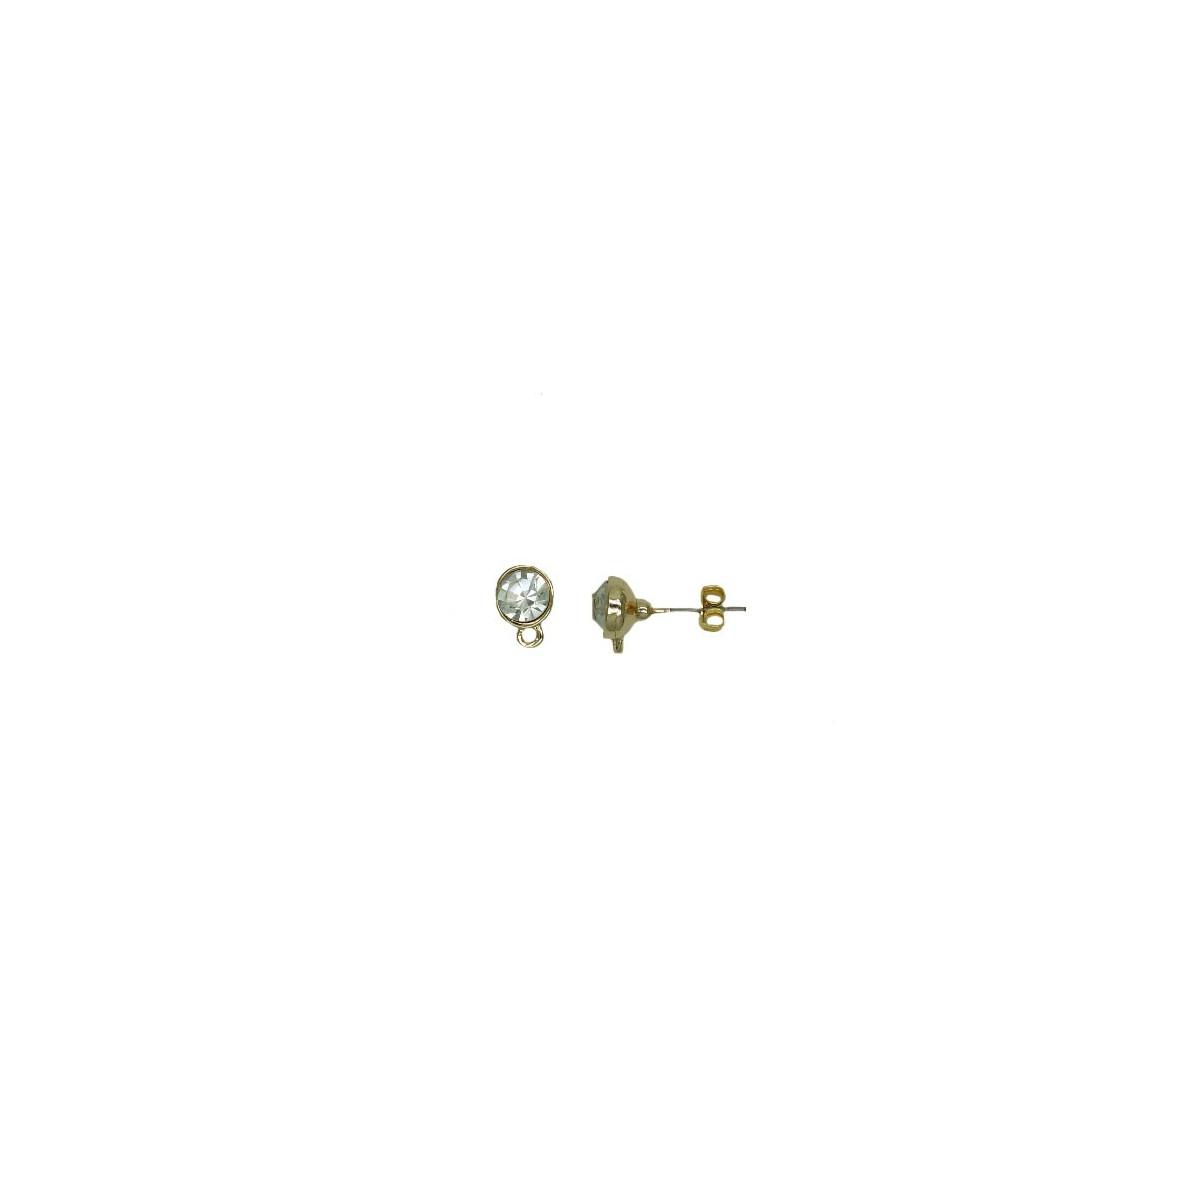 Orecchini in Ottone Strass - 6x6 mm